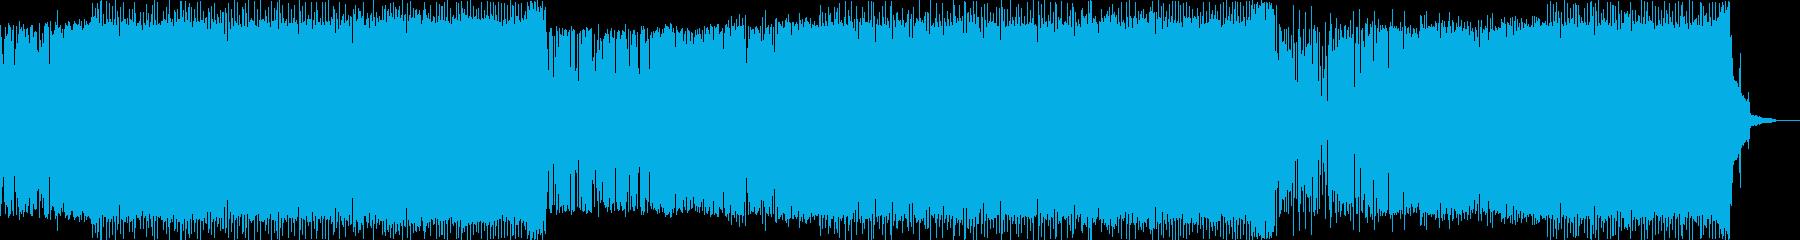 ノリの良いフュージョンダンスミュージックの再生済みの波形